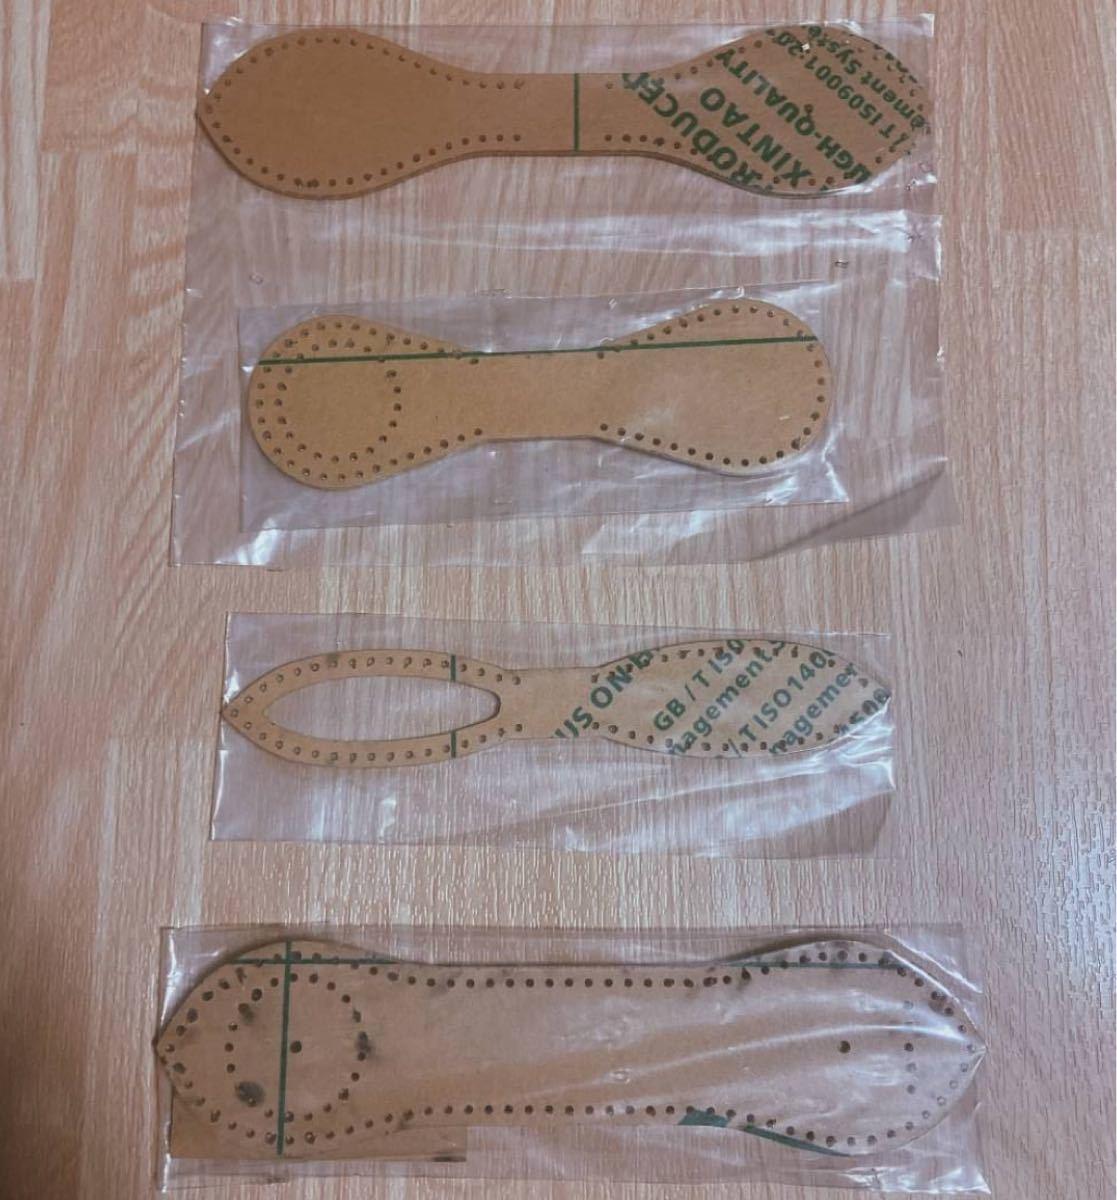 値下げ☆【レザークラフト】キーリング 4点セット アクリル型 ハンドメイド 革細工 オリジナル 革小物 革製品 手作り